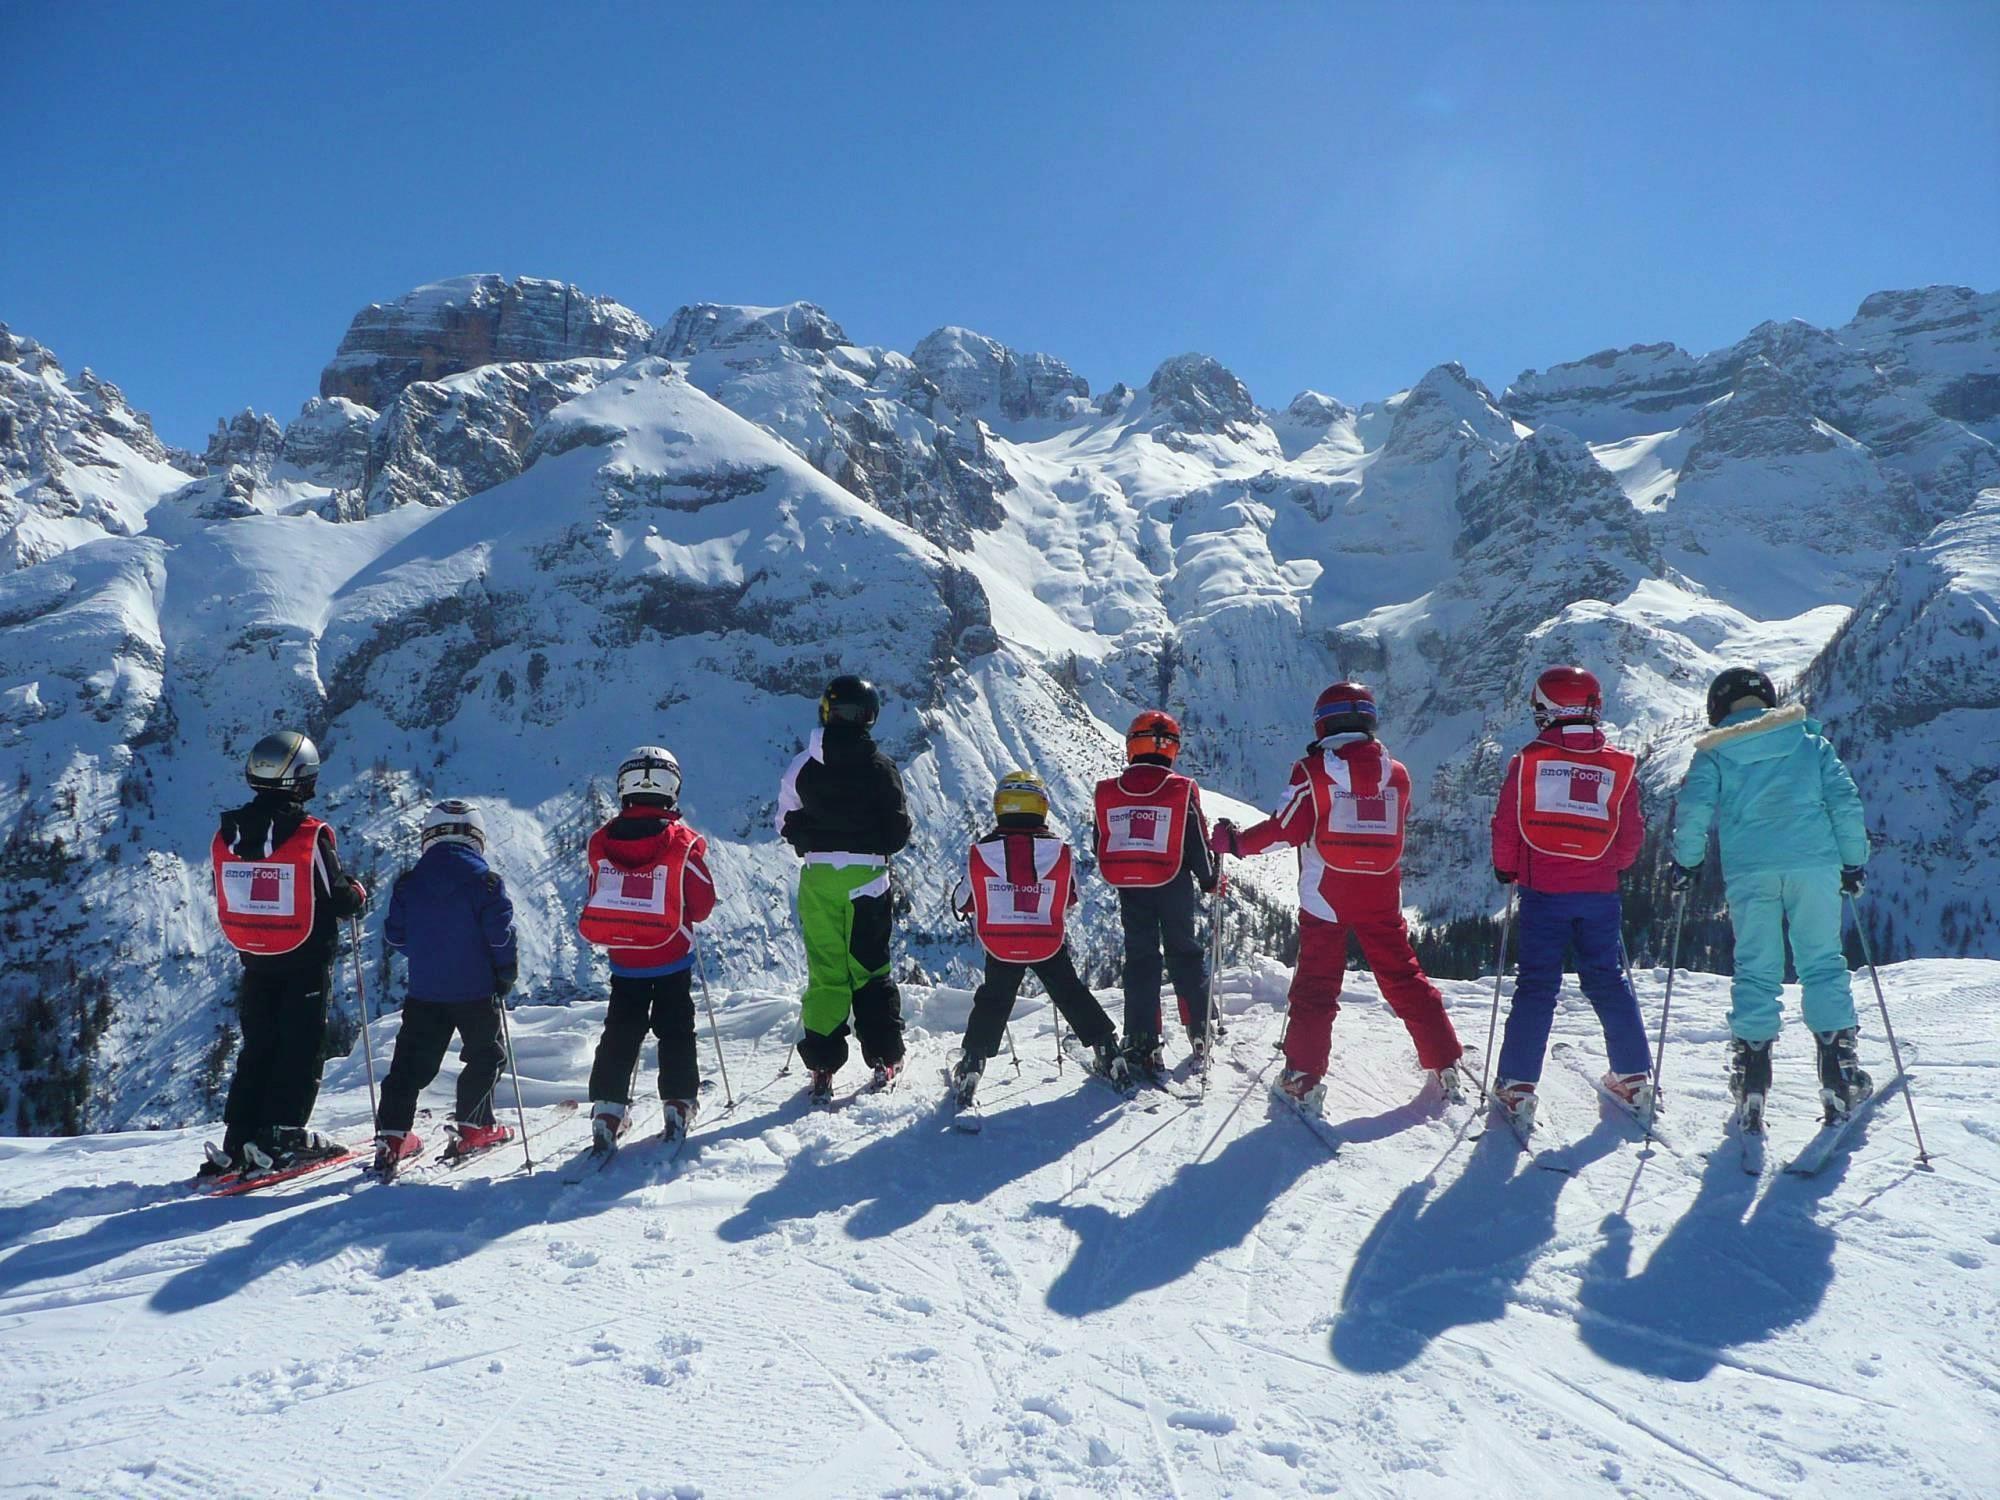 Skilessen voor kinderen vanaf 6 jaar - vergevorderd